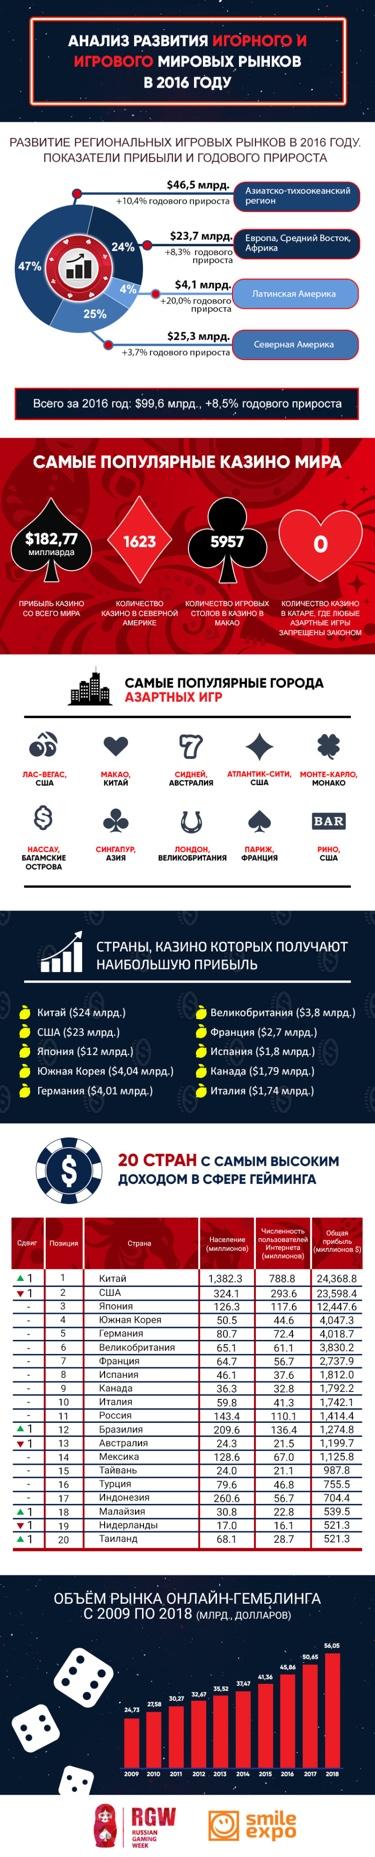 Анализ развития игорного и игрового мировых рынков в 2016 году. Инфографика